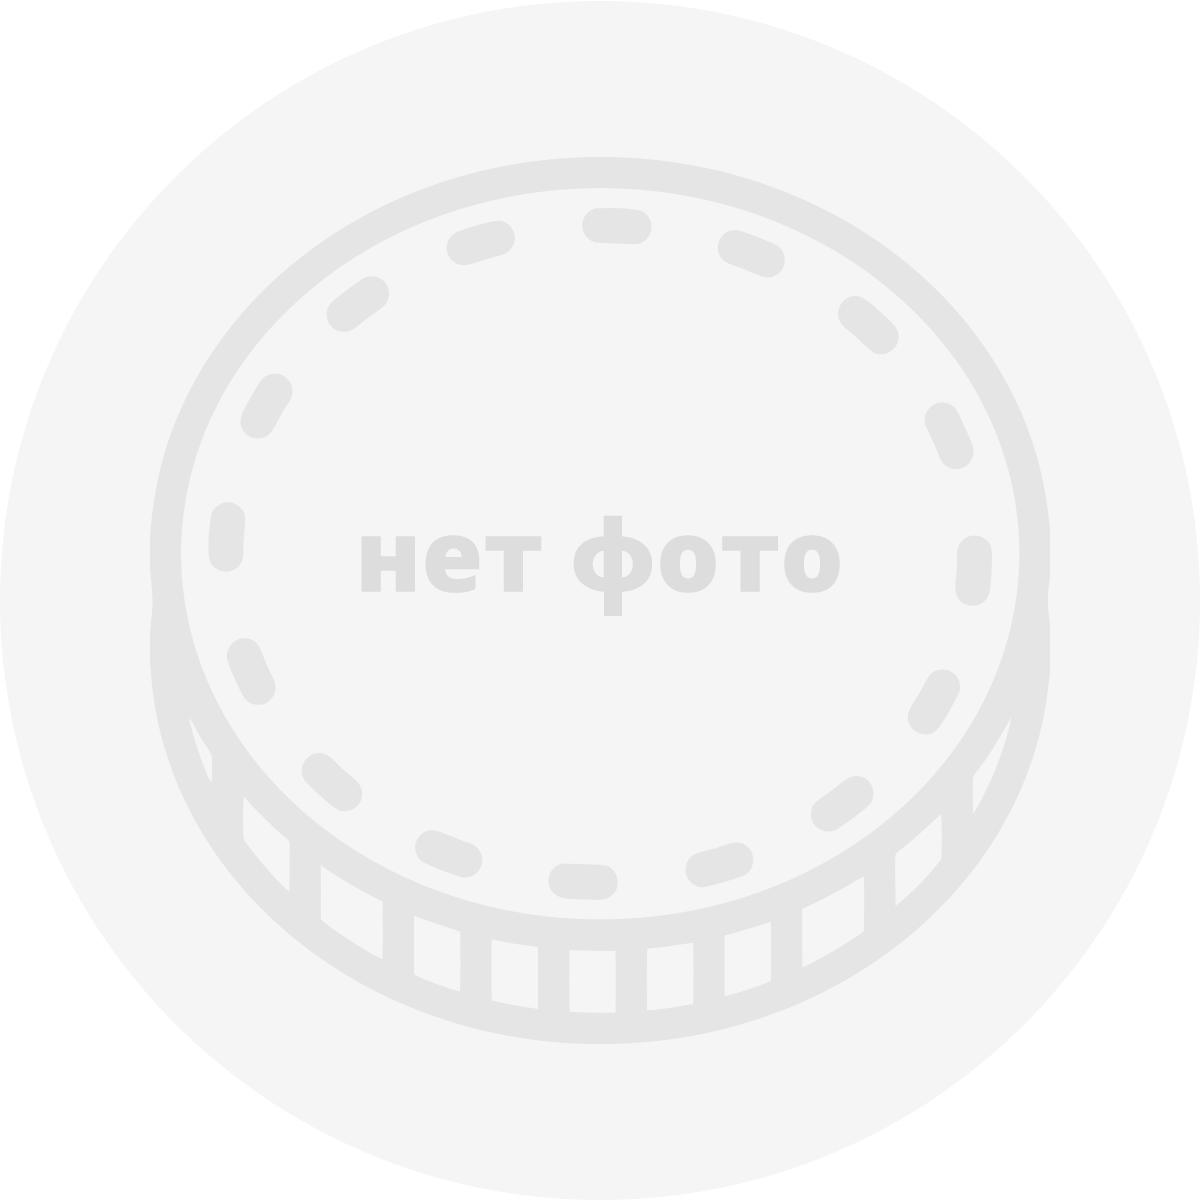 Монеты румыния каталог редкие монеты рф 1997 2014